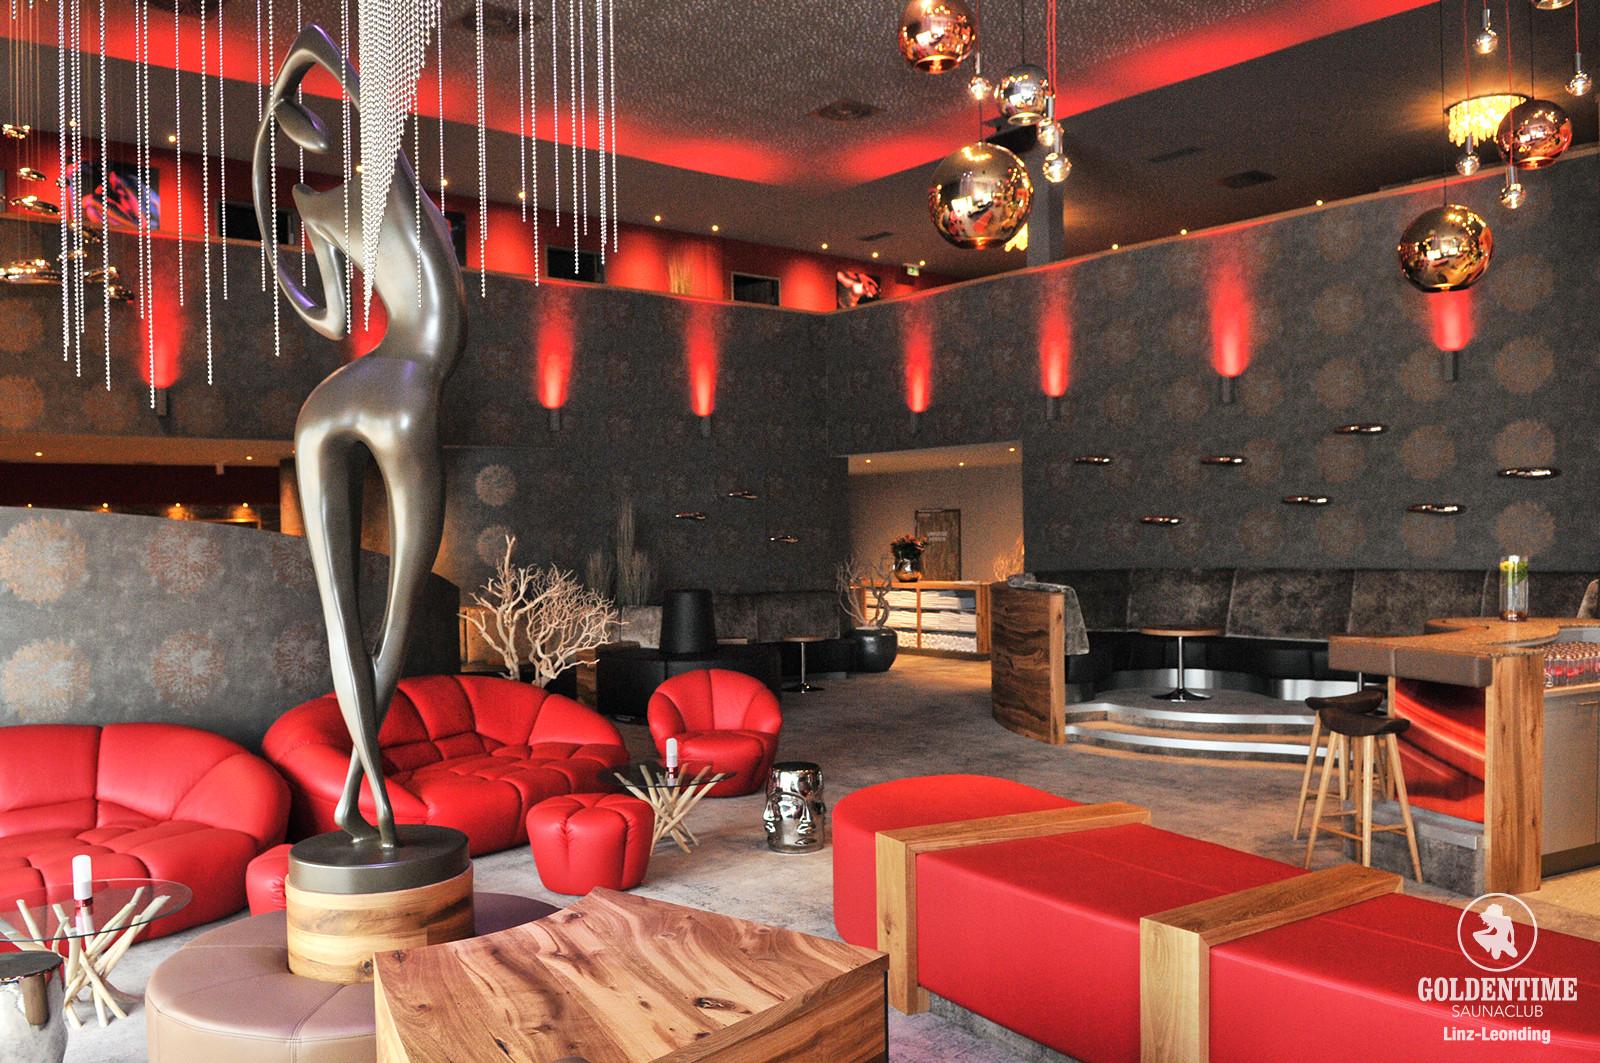 Ein paar Impressionen von unserem Haus - Goldentime Linz